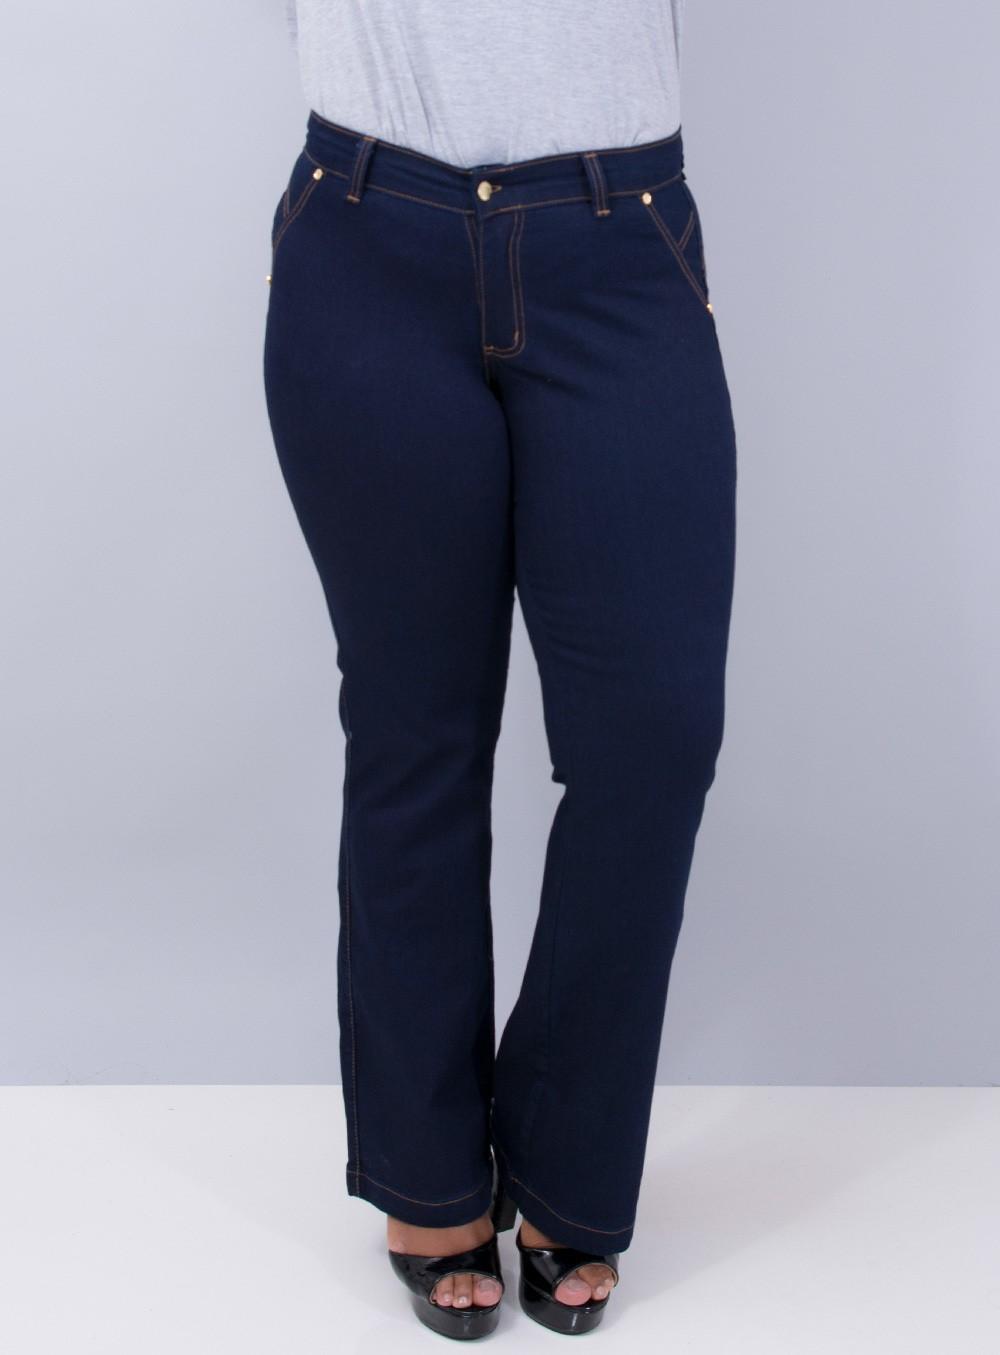 Calça Jeans Flare com Detalhes em Aplicação e Bordado nos Bolsos ref. TN2701